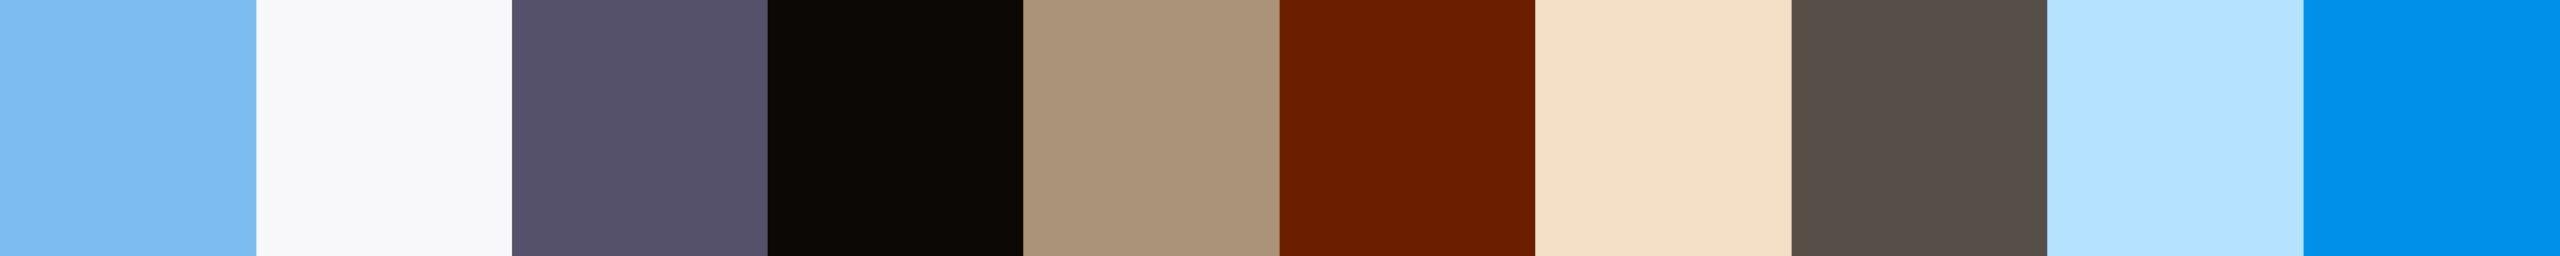 154 Touraja Color Palette